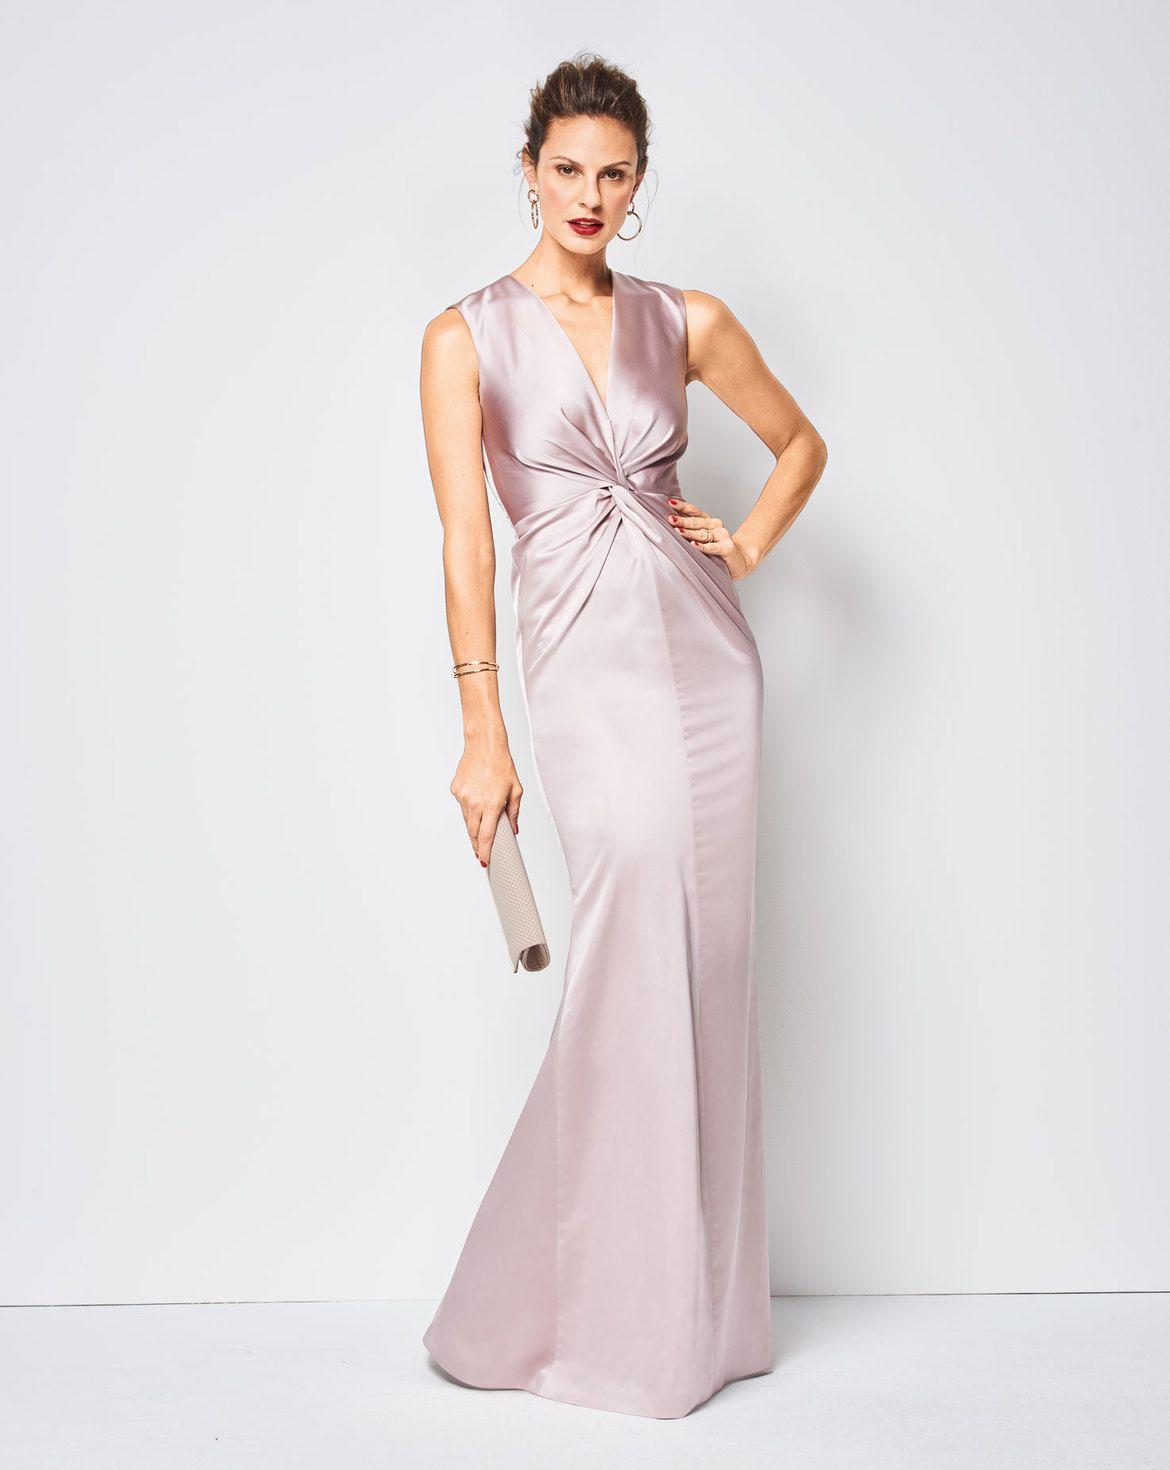 Kleider in extravagantem Stil mit raffinierter Verschlingung im ...